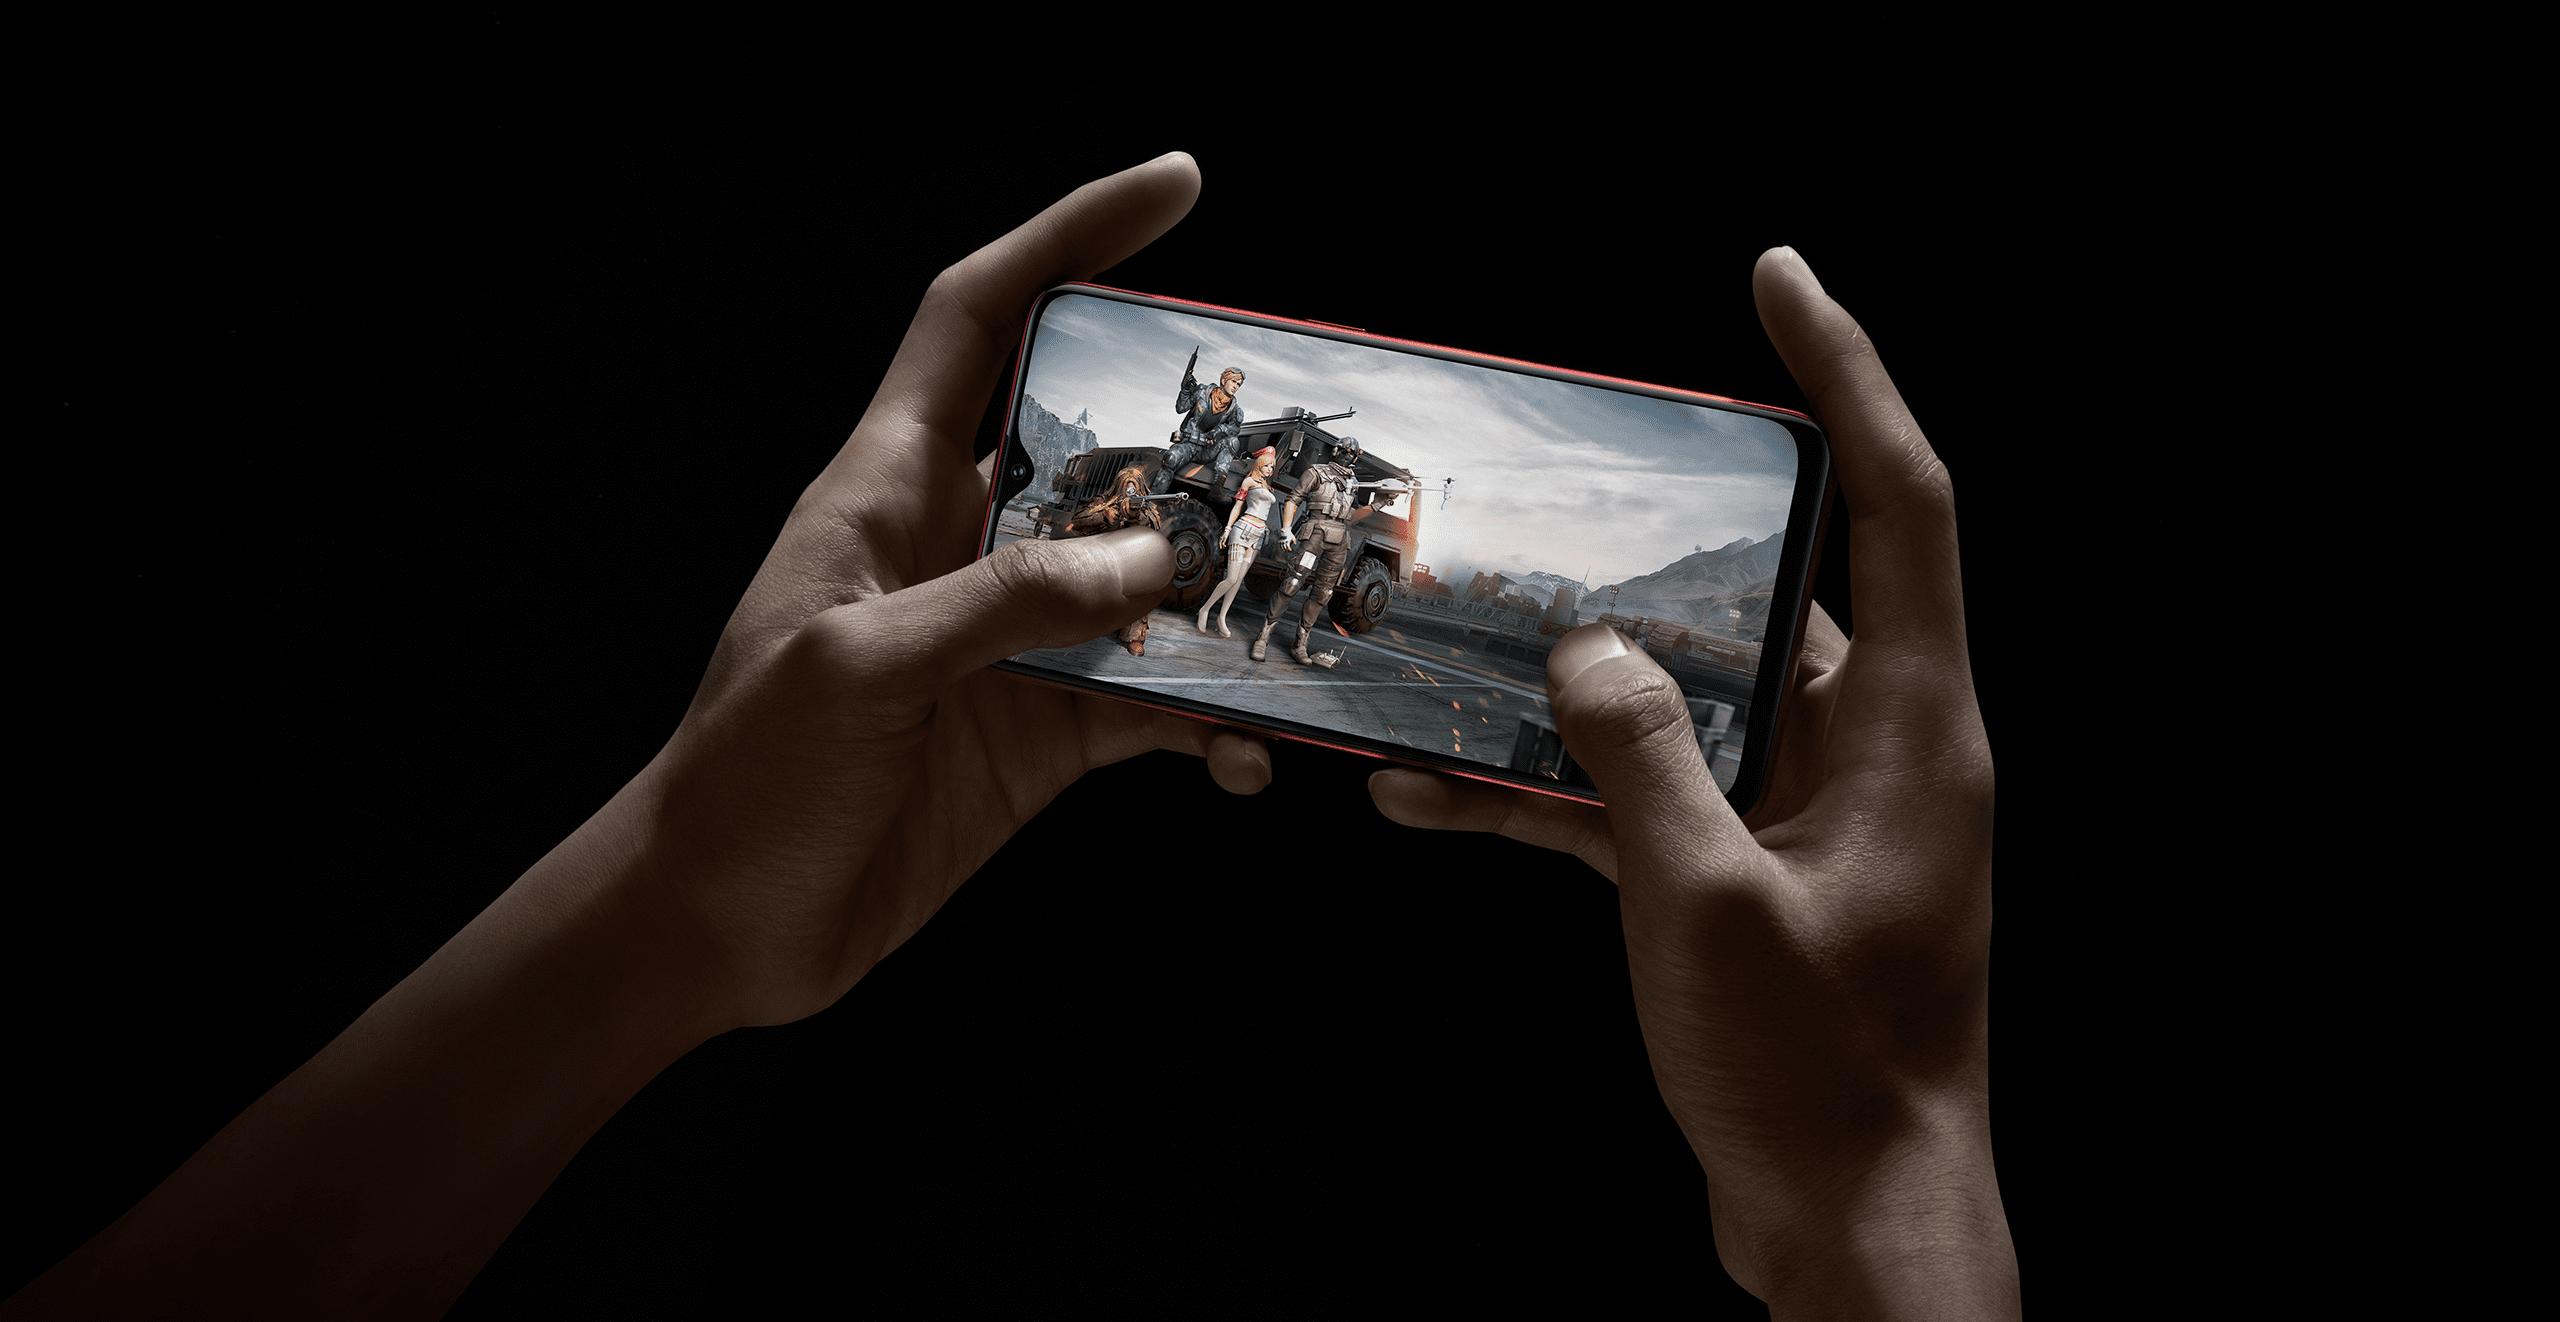 Dwa premierowe smartfony w jednym wpisie: Honor 10i oraz Oppo AX5s